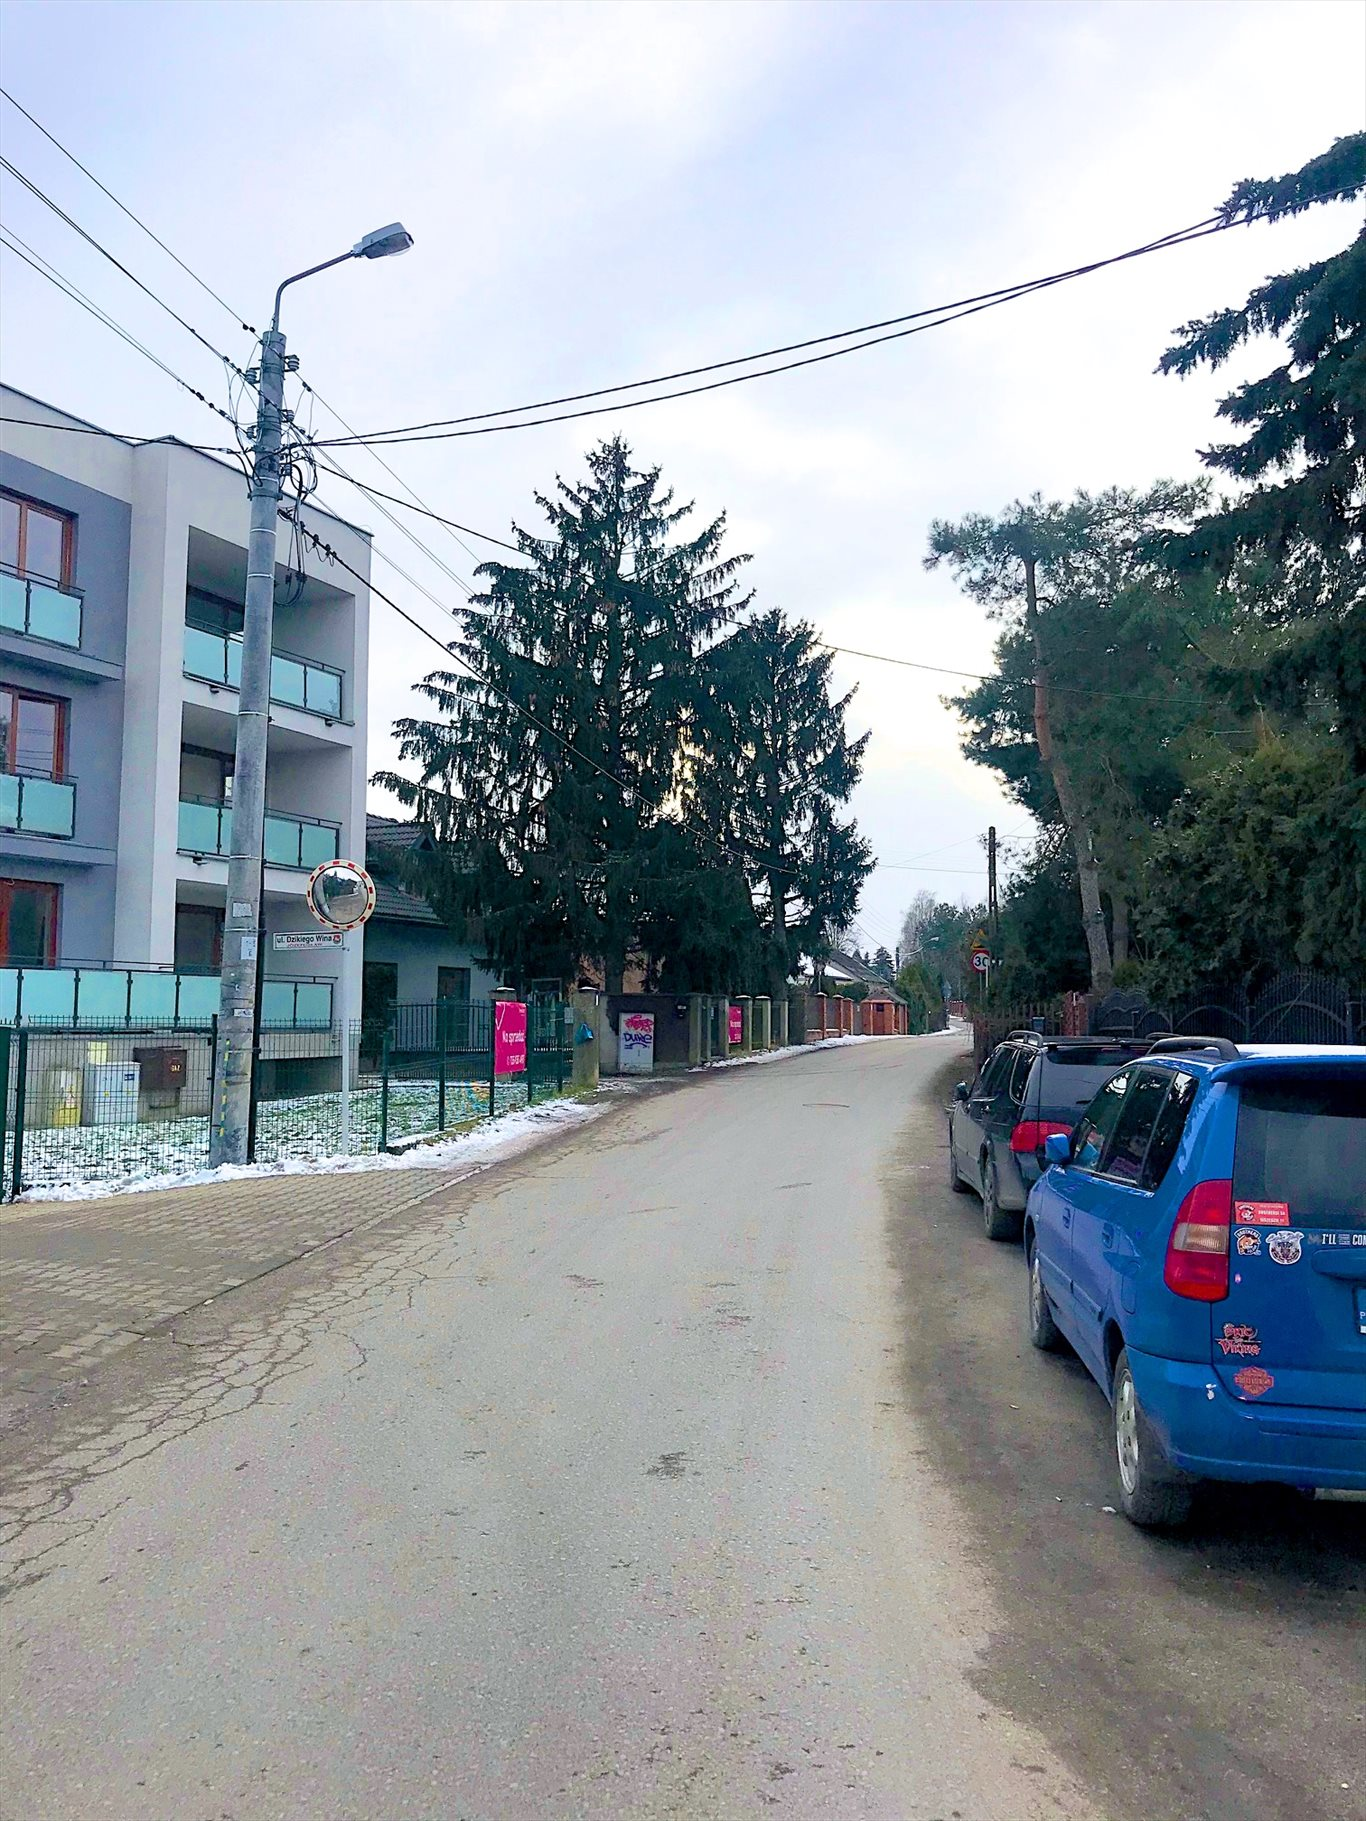 Dom na sprzedaż Józefosław, Osiedlowa, Osiedlowa 1  147m2 Foto 4